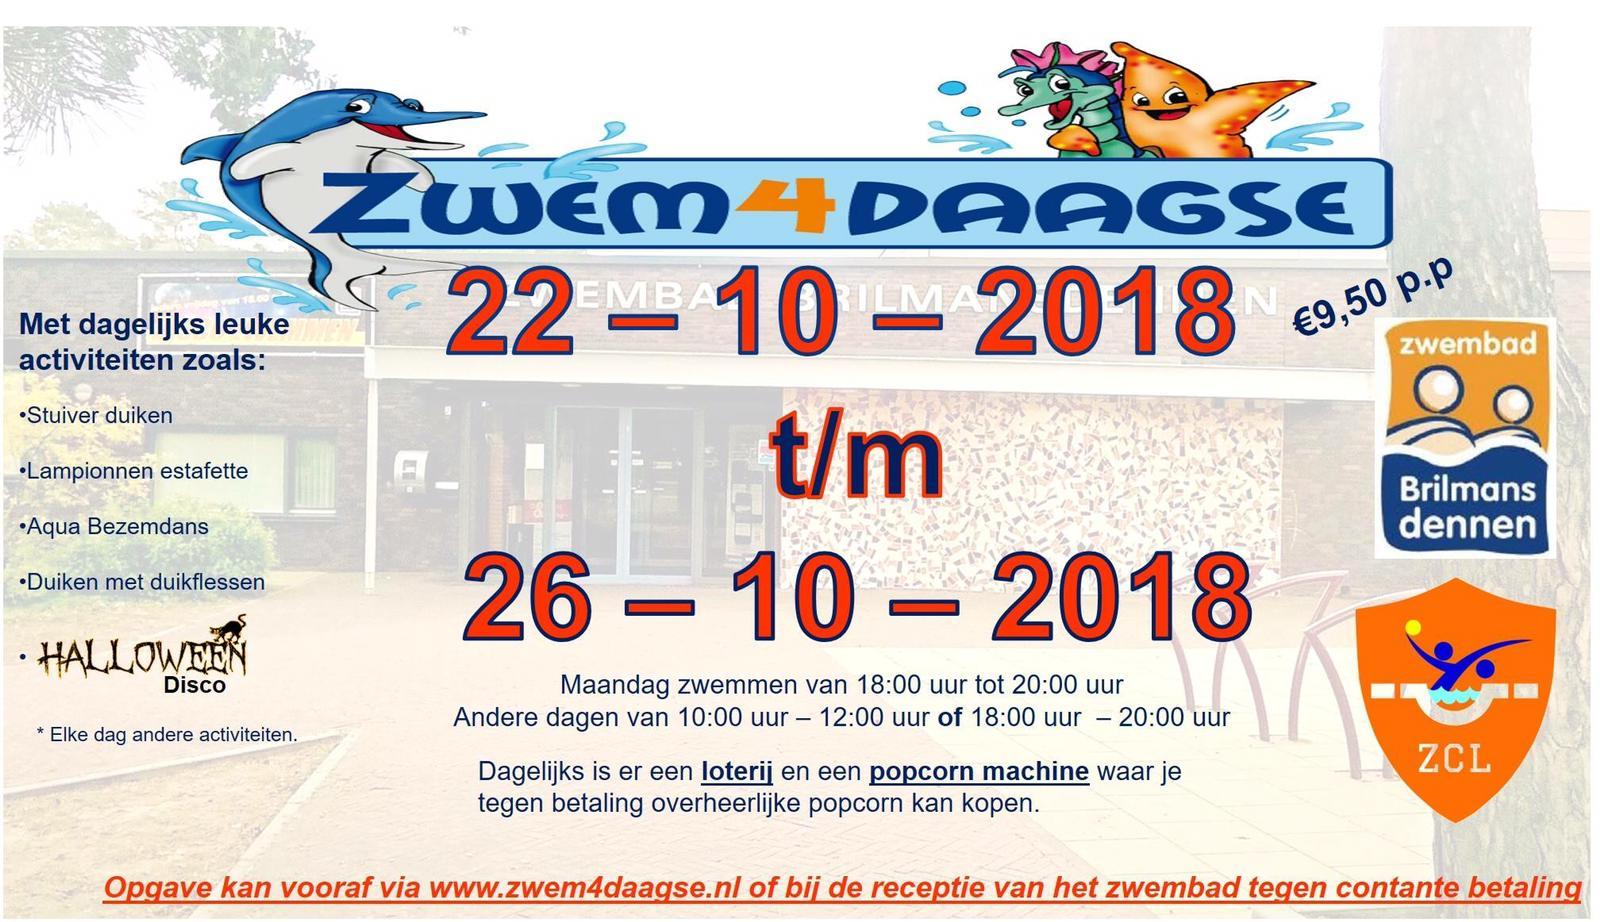 Zwem4daagse 2018